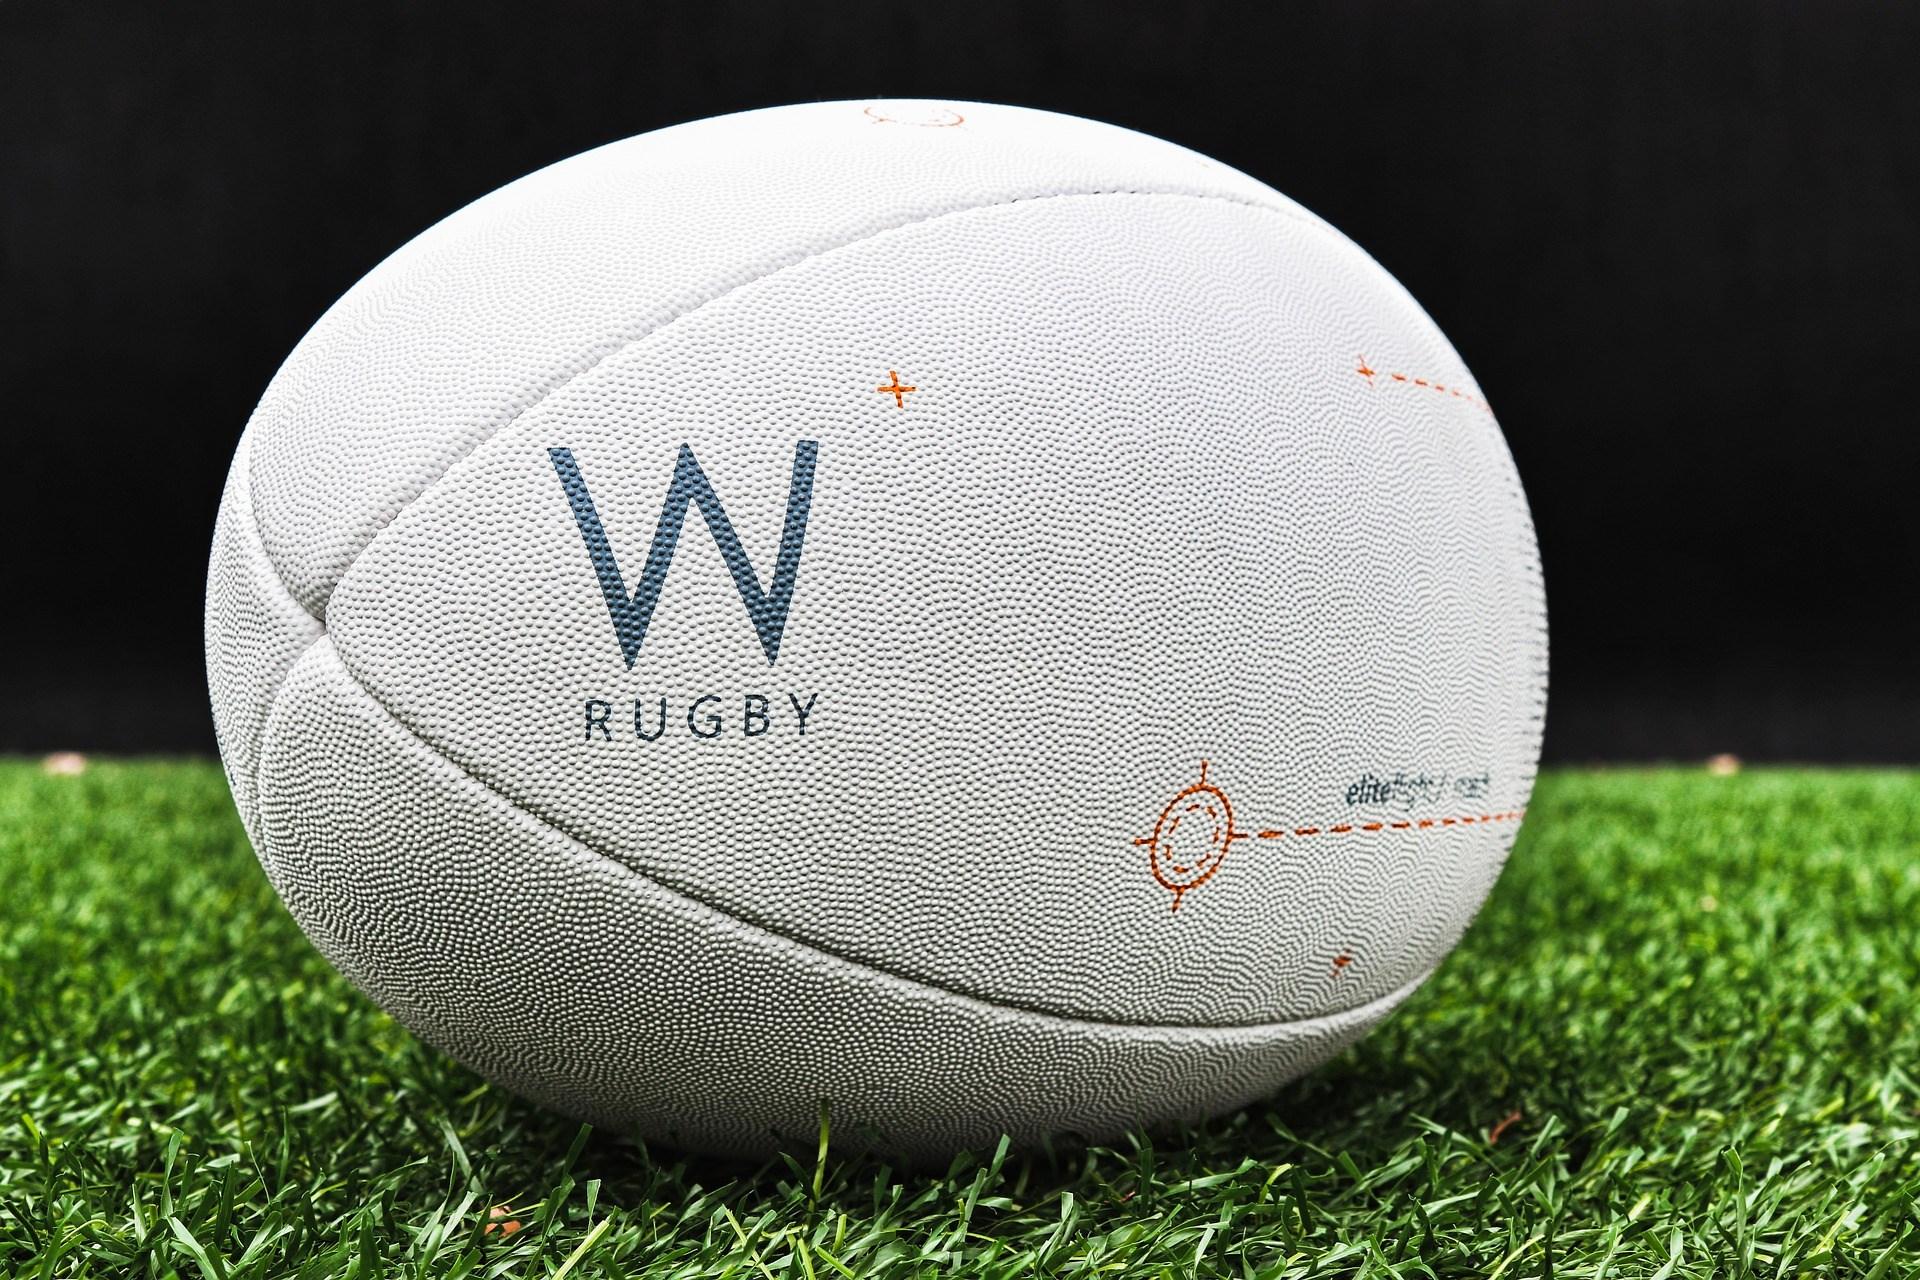 England A v Scotland A (Rugby Union - England International)